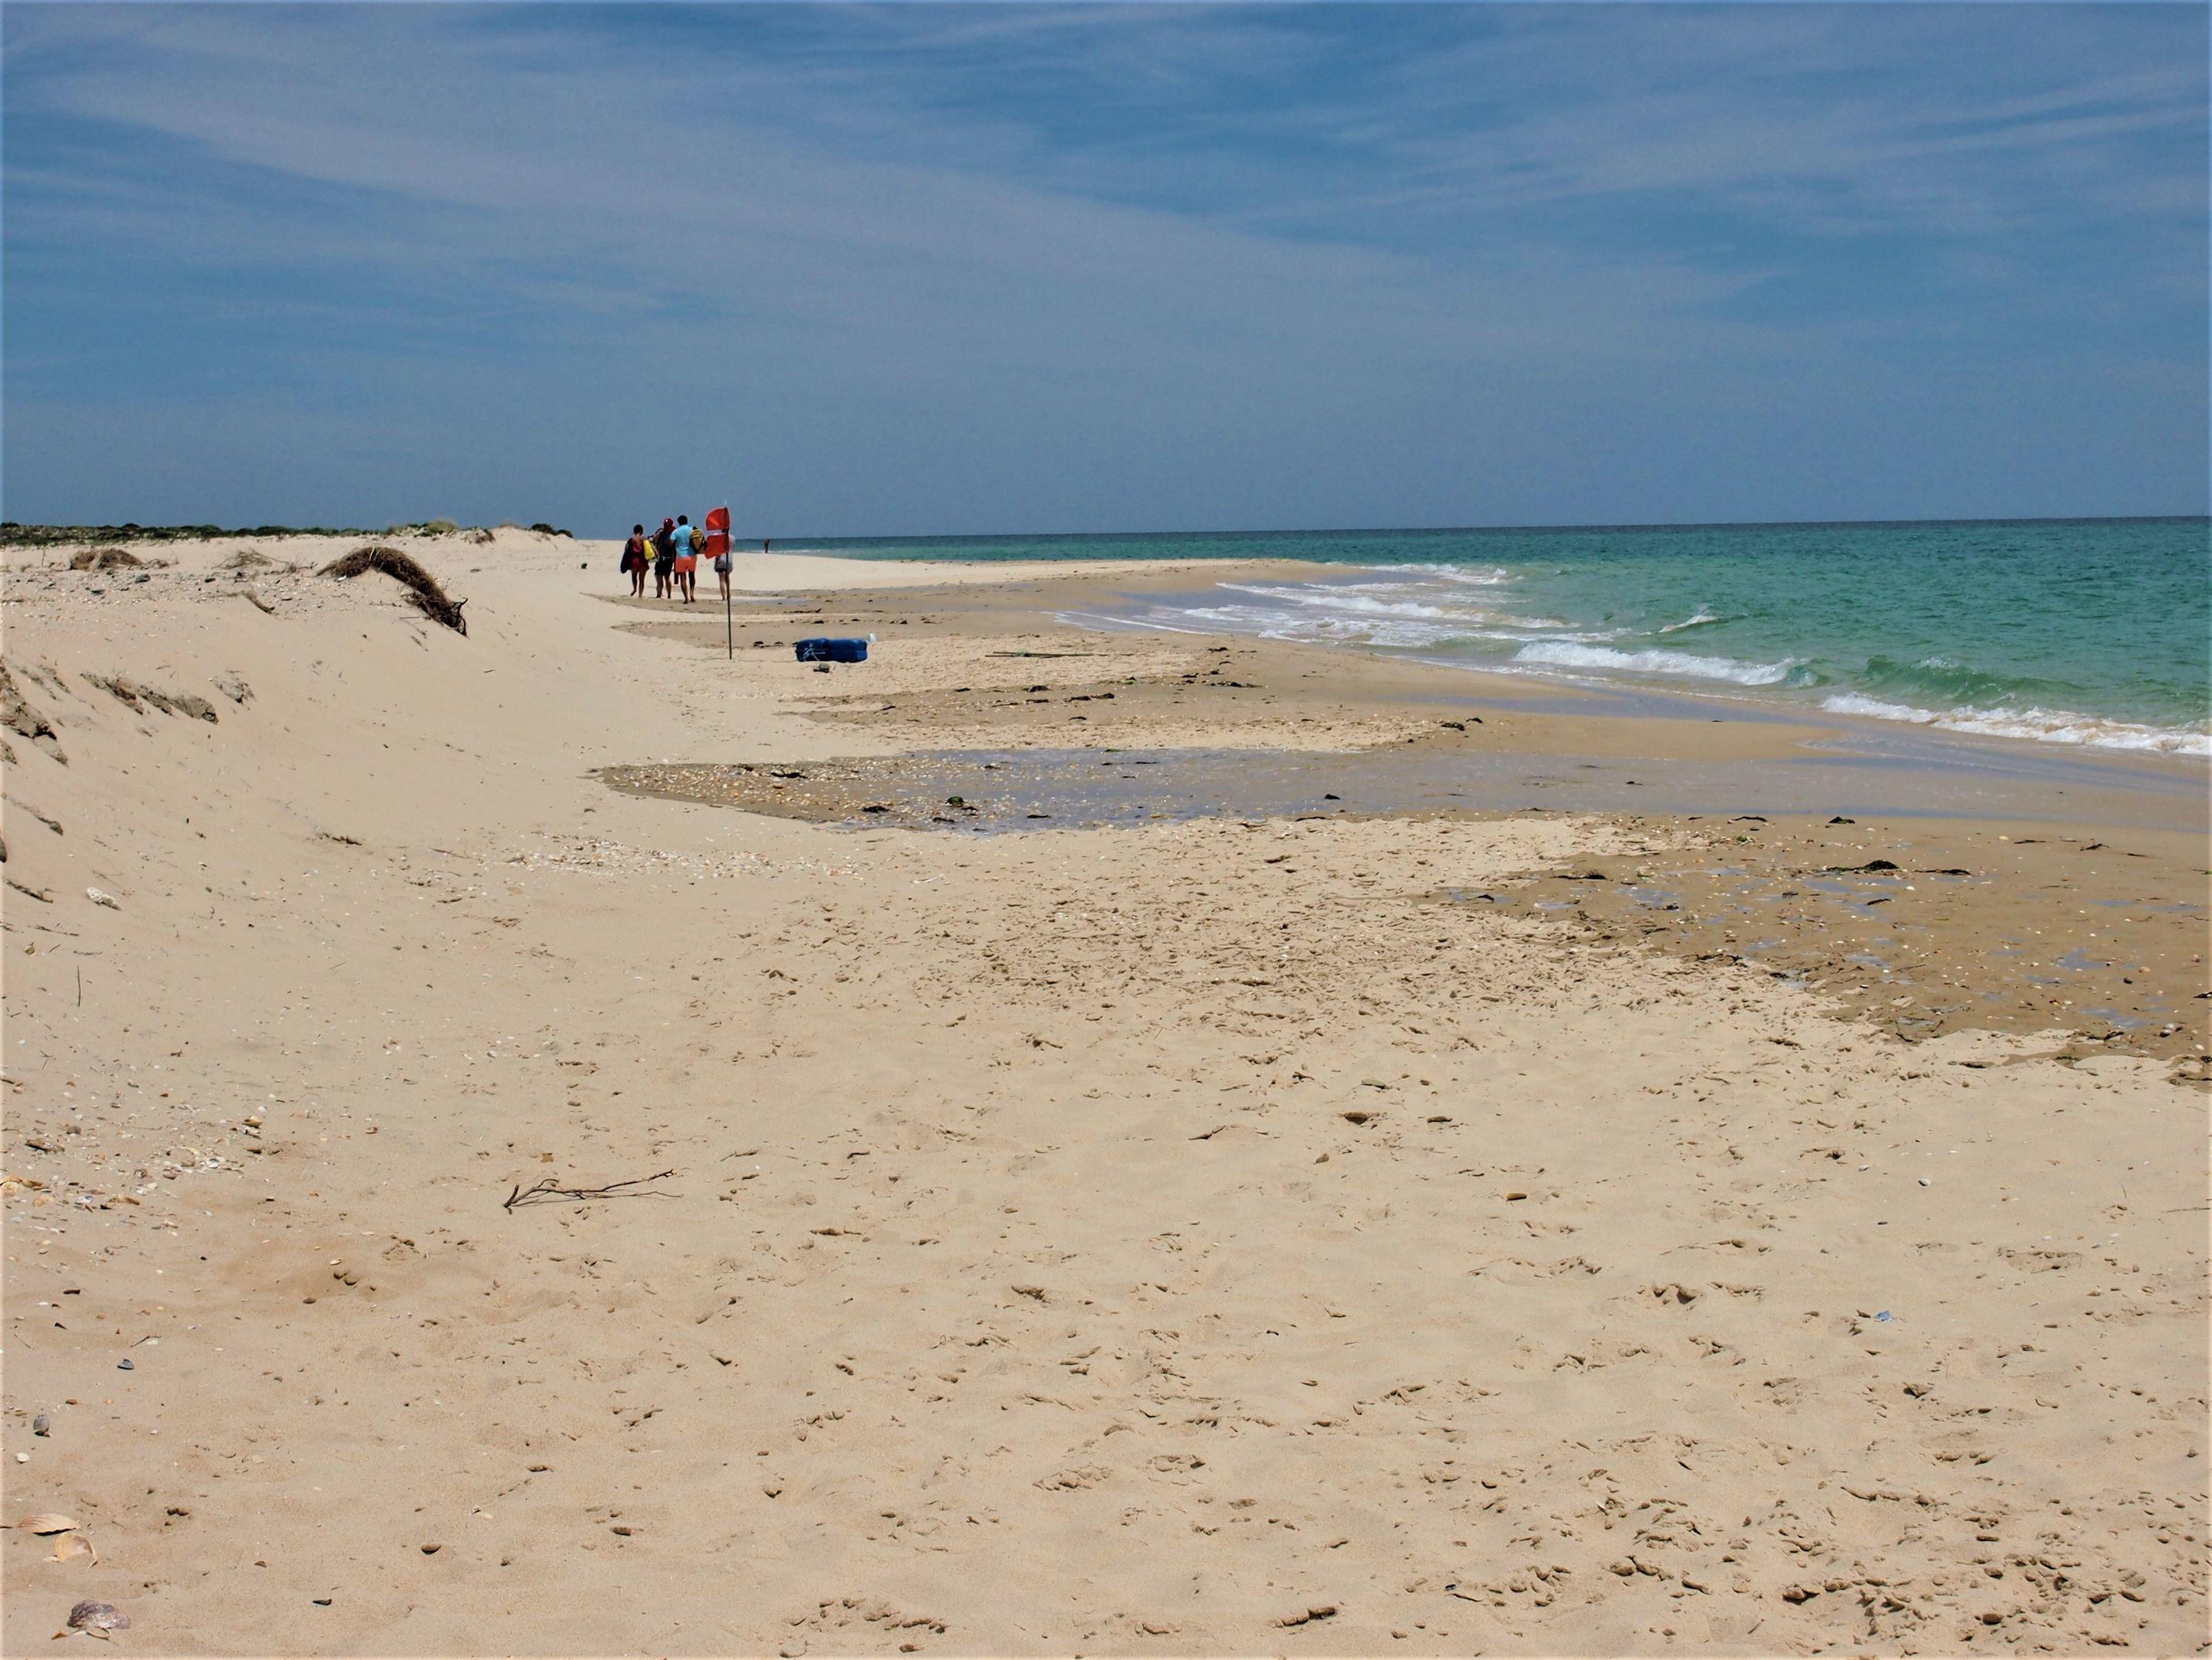 Praia da Fuseta-Mar - esta praia situa-se na Ilha da Fuseta, Oceano Atlântico.